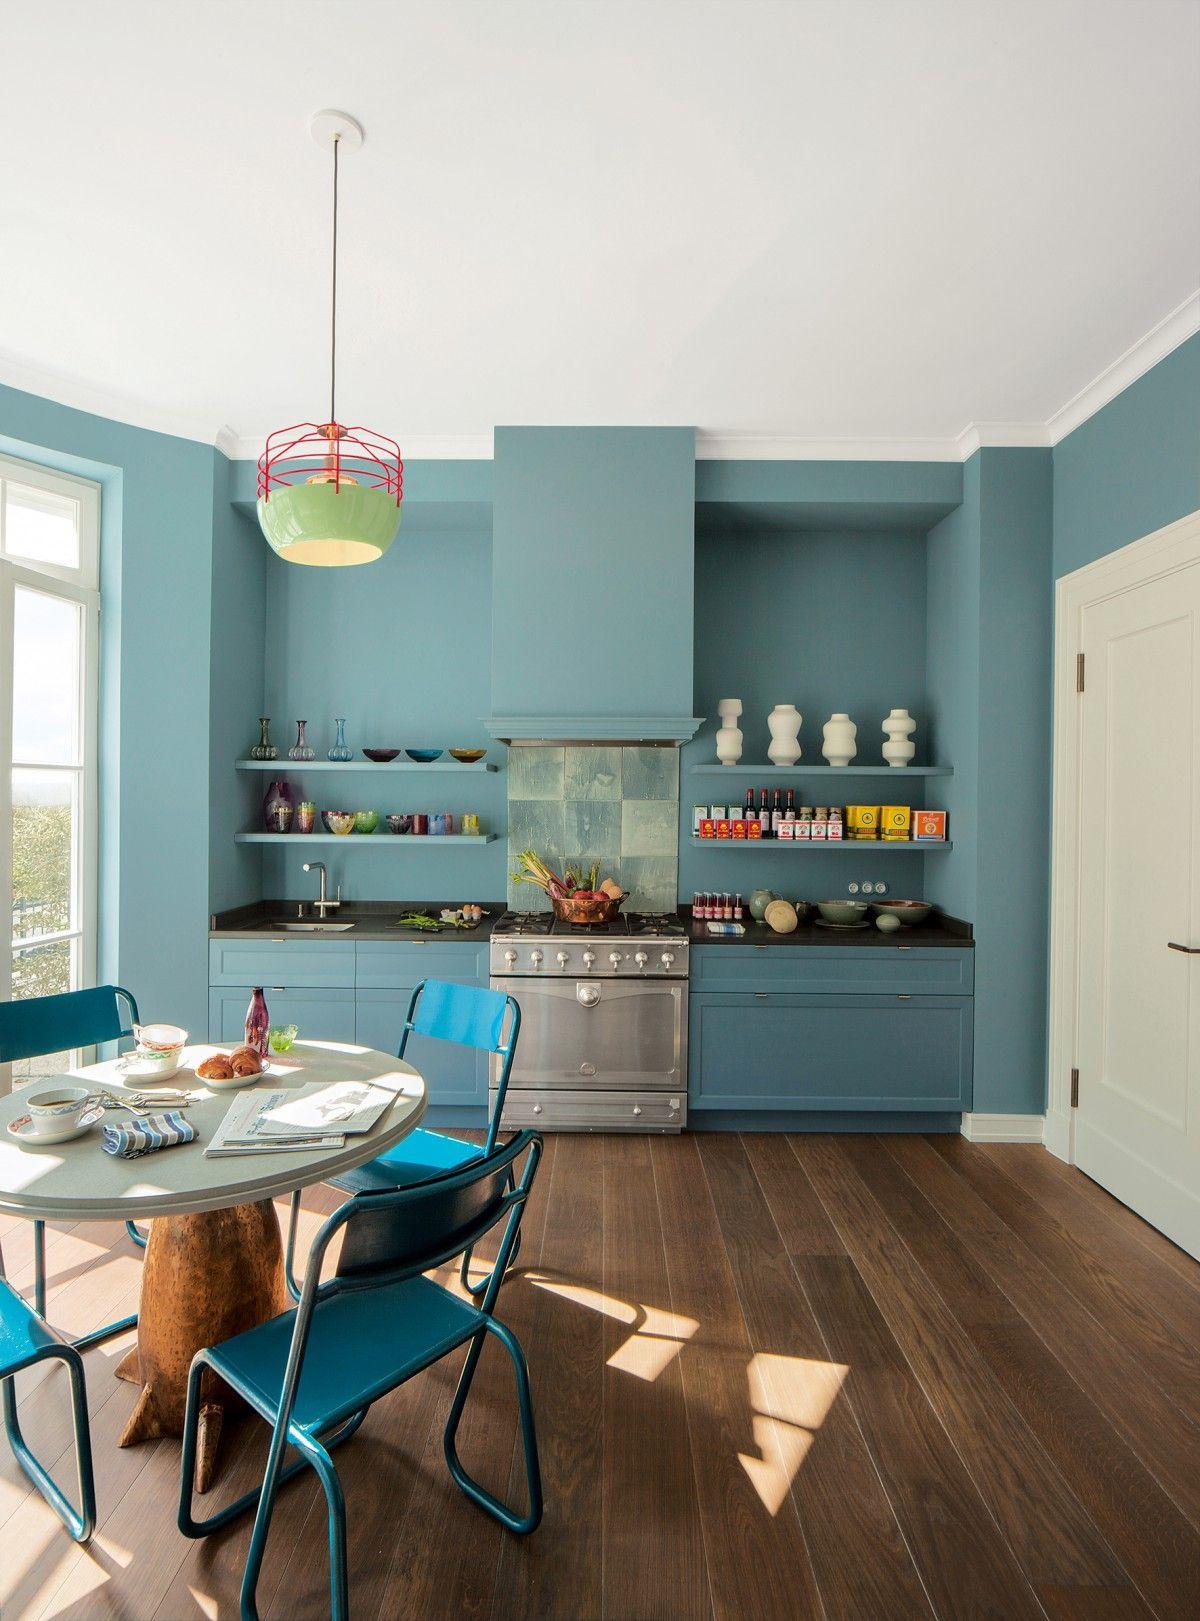 die farbenfrohe k che in blau macht gute laune bodentiefe fenster lassen viel licht ins haus. Black Bedroom Furniture Sets. Home Design Ideas